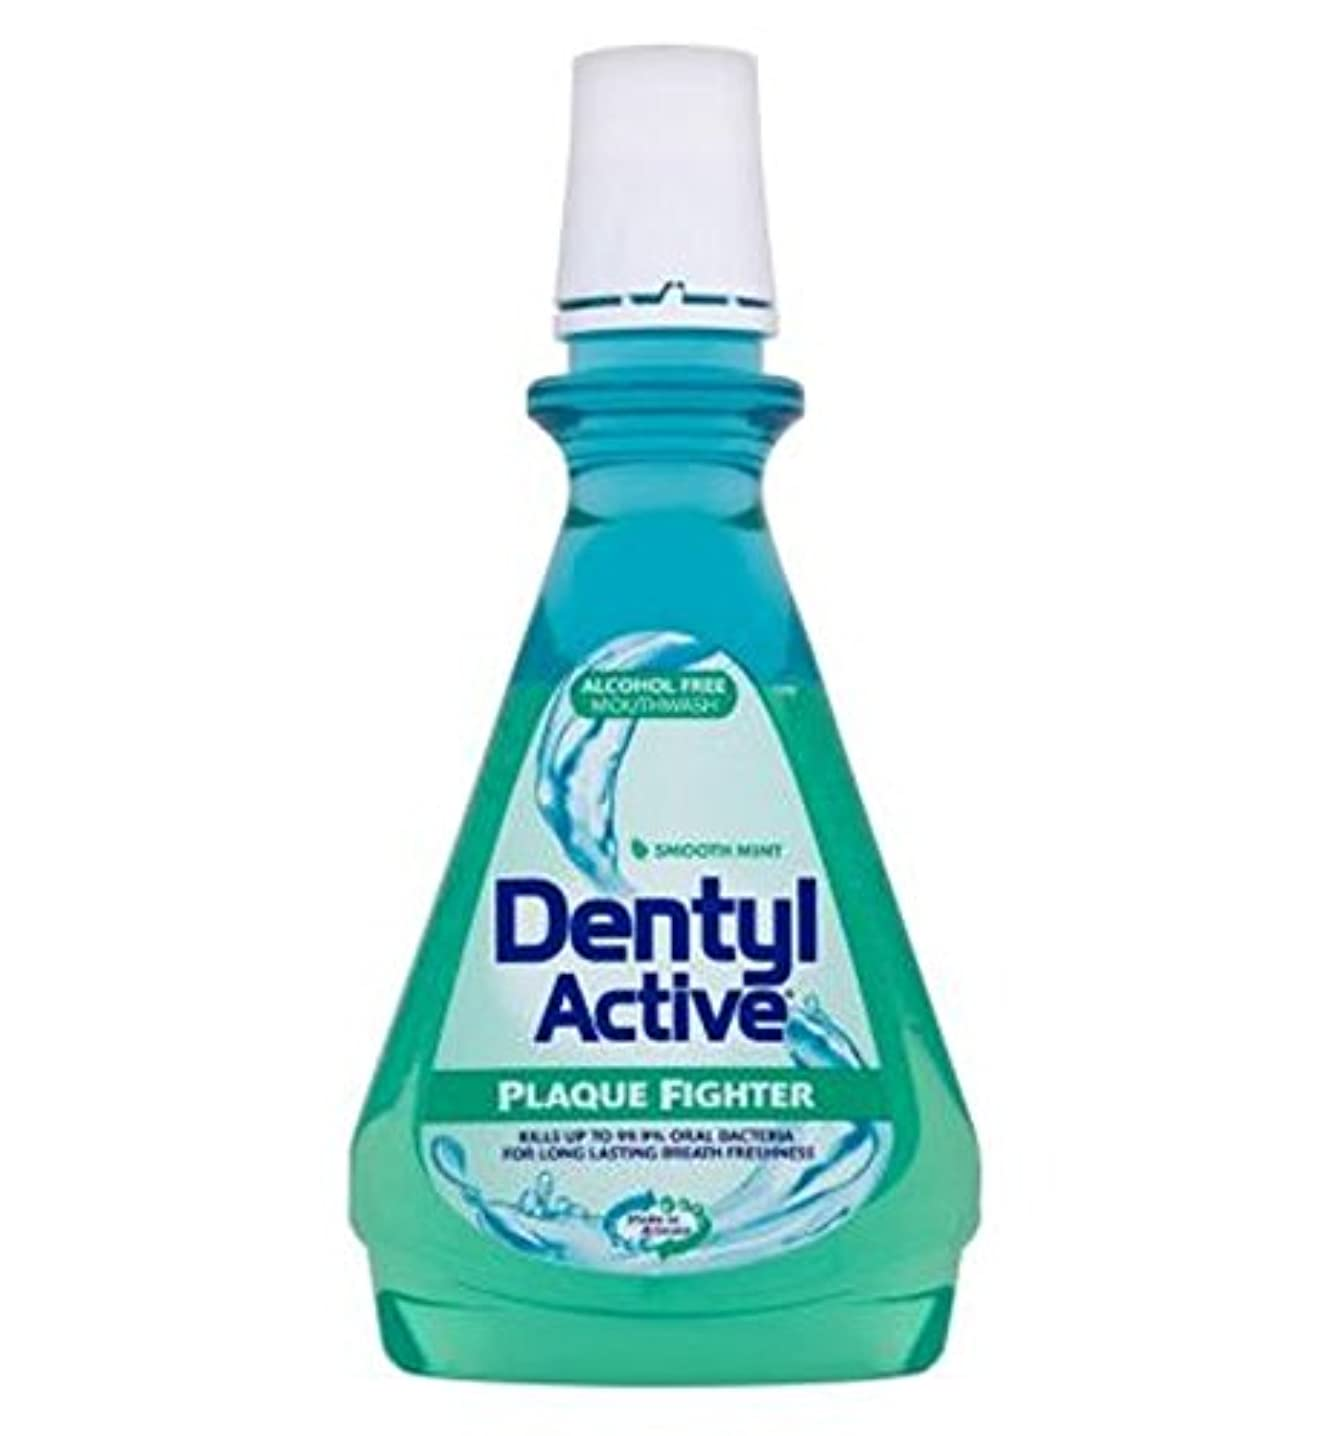 精通した入場料靄Dentylアクティブな滑らかなミントマウスウォッシュ500ミリリットル (Dentyl) (x2) - Dentyl Active Smooth Mint Mouthwash 500ml (Pack of 2) [並行輸入品]